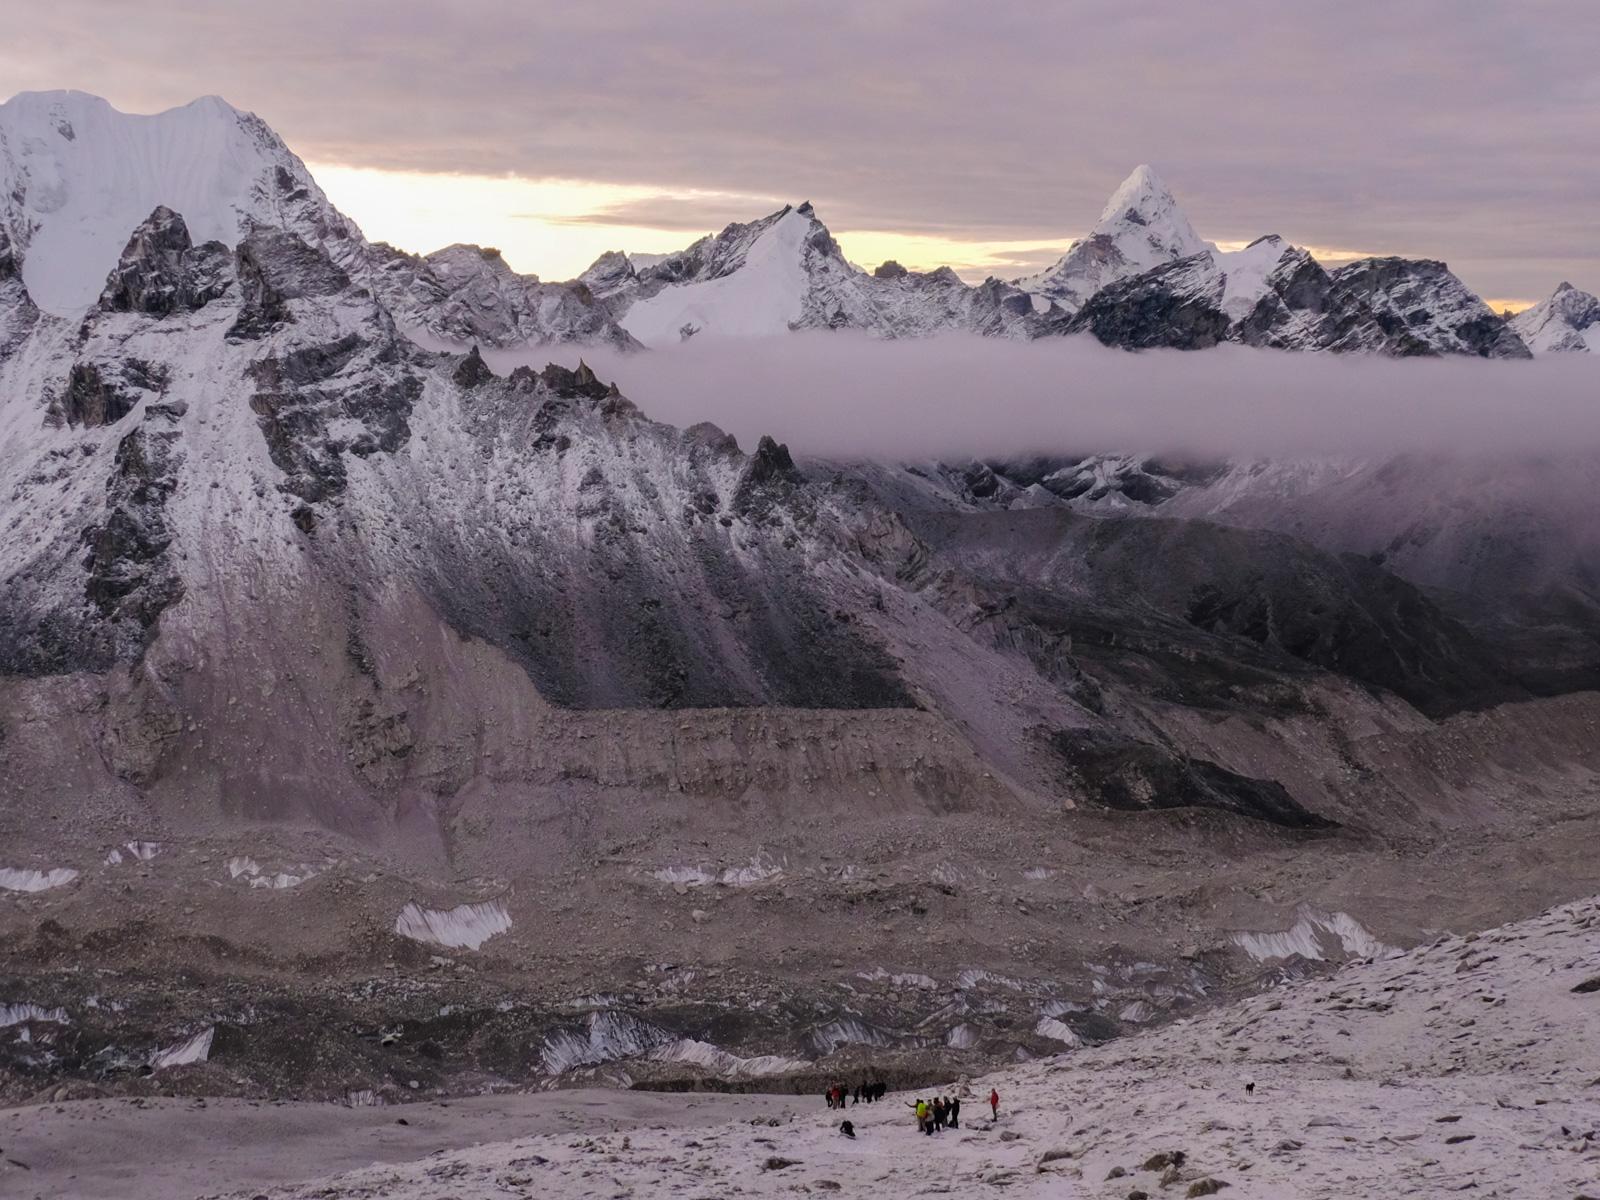 Kala Patthar & Gokyo, Everest 3 pass #3 2